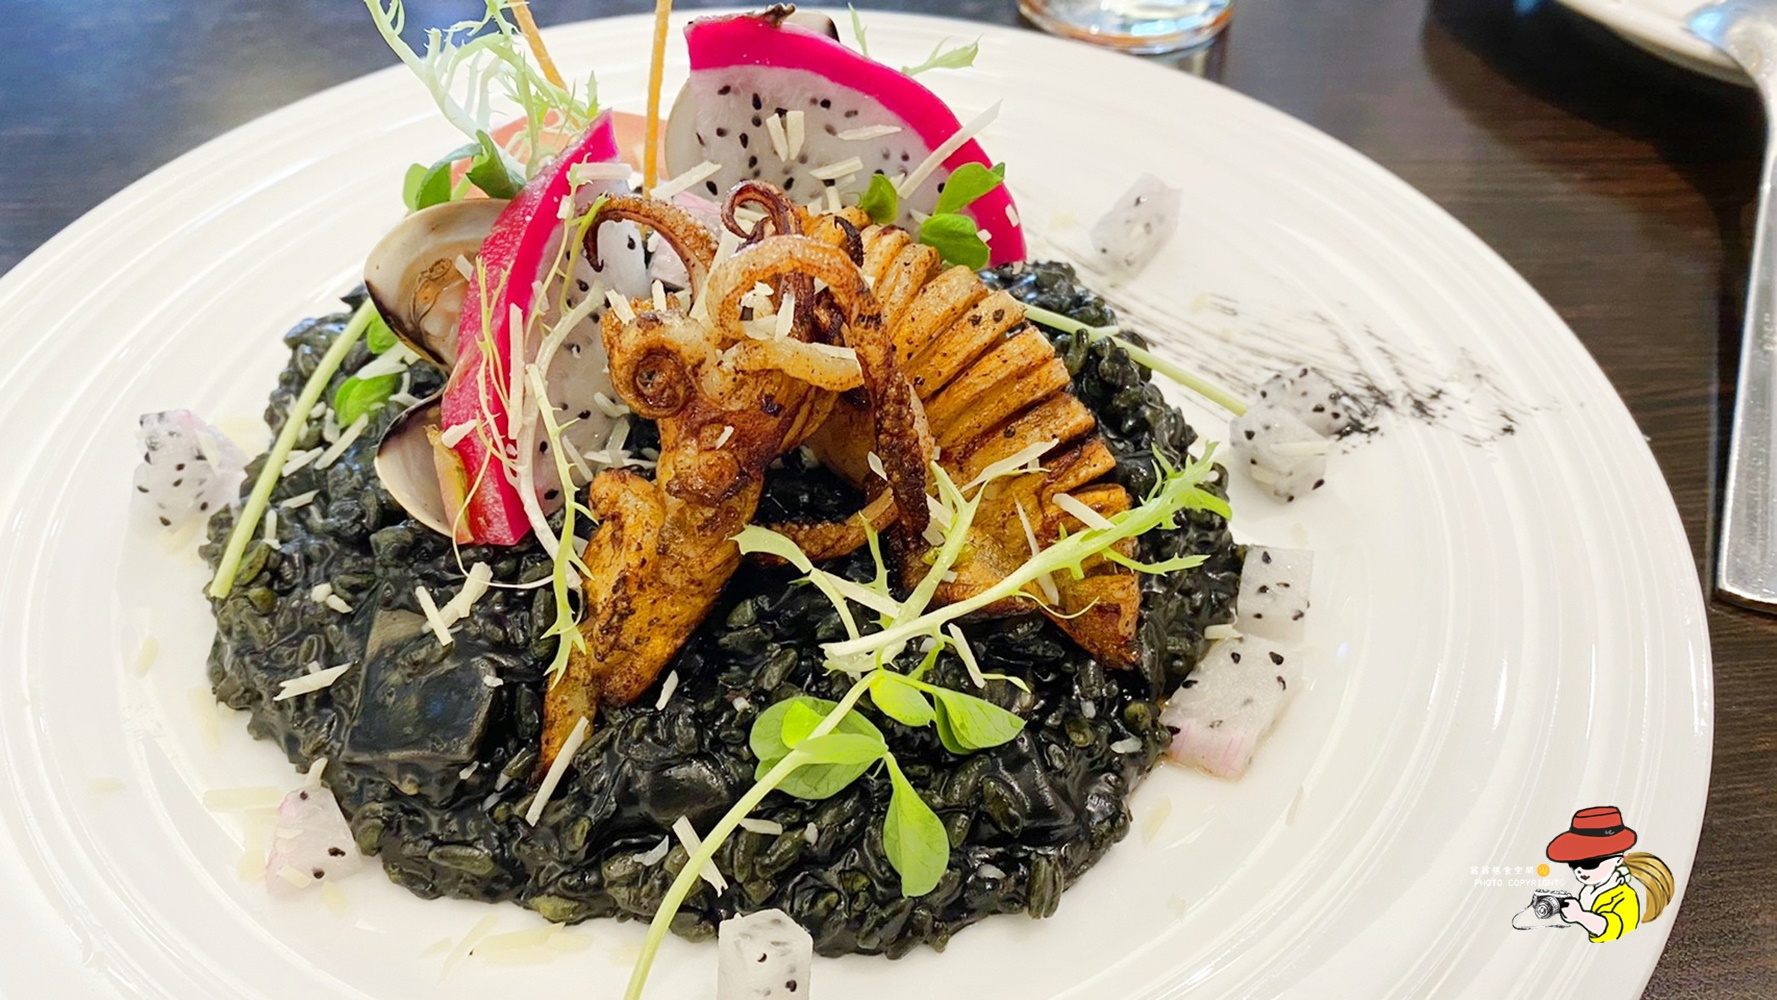 A-LI阿理義式廚房|三重美食義式料理 墨魚燉飯超好吃 五華街美食